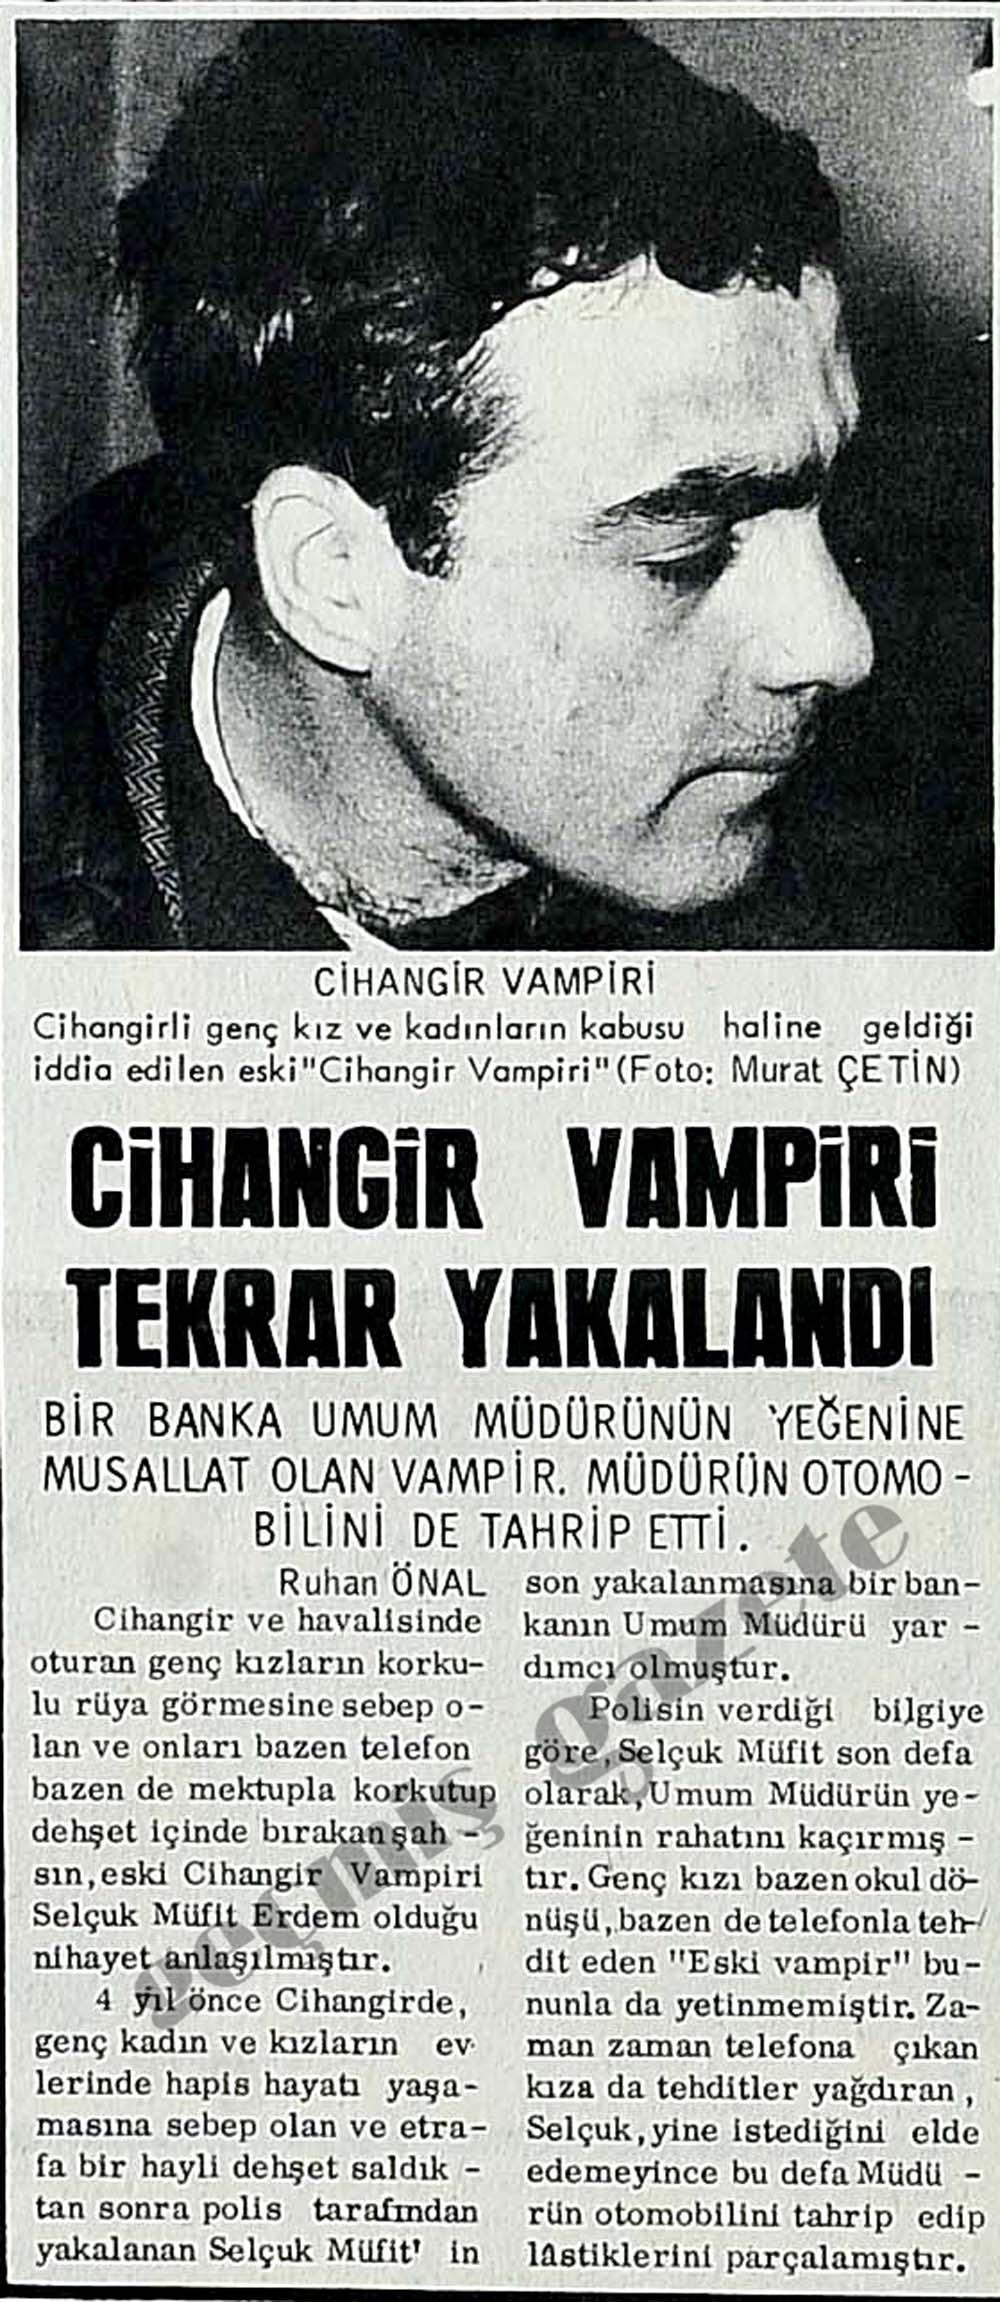 Cihangir Vampiri tekrar yakalandı